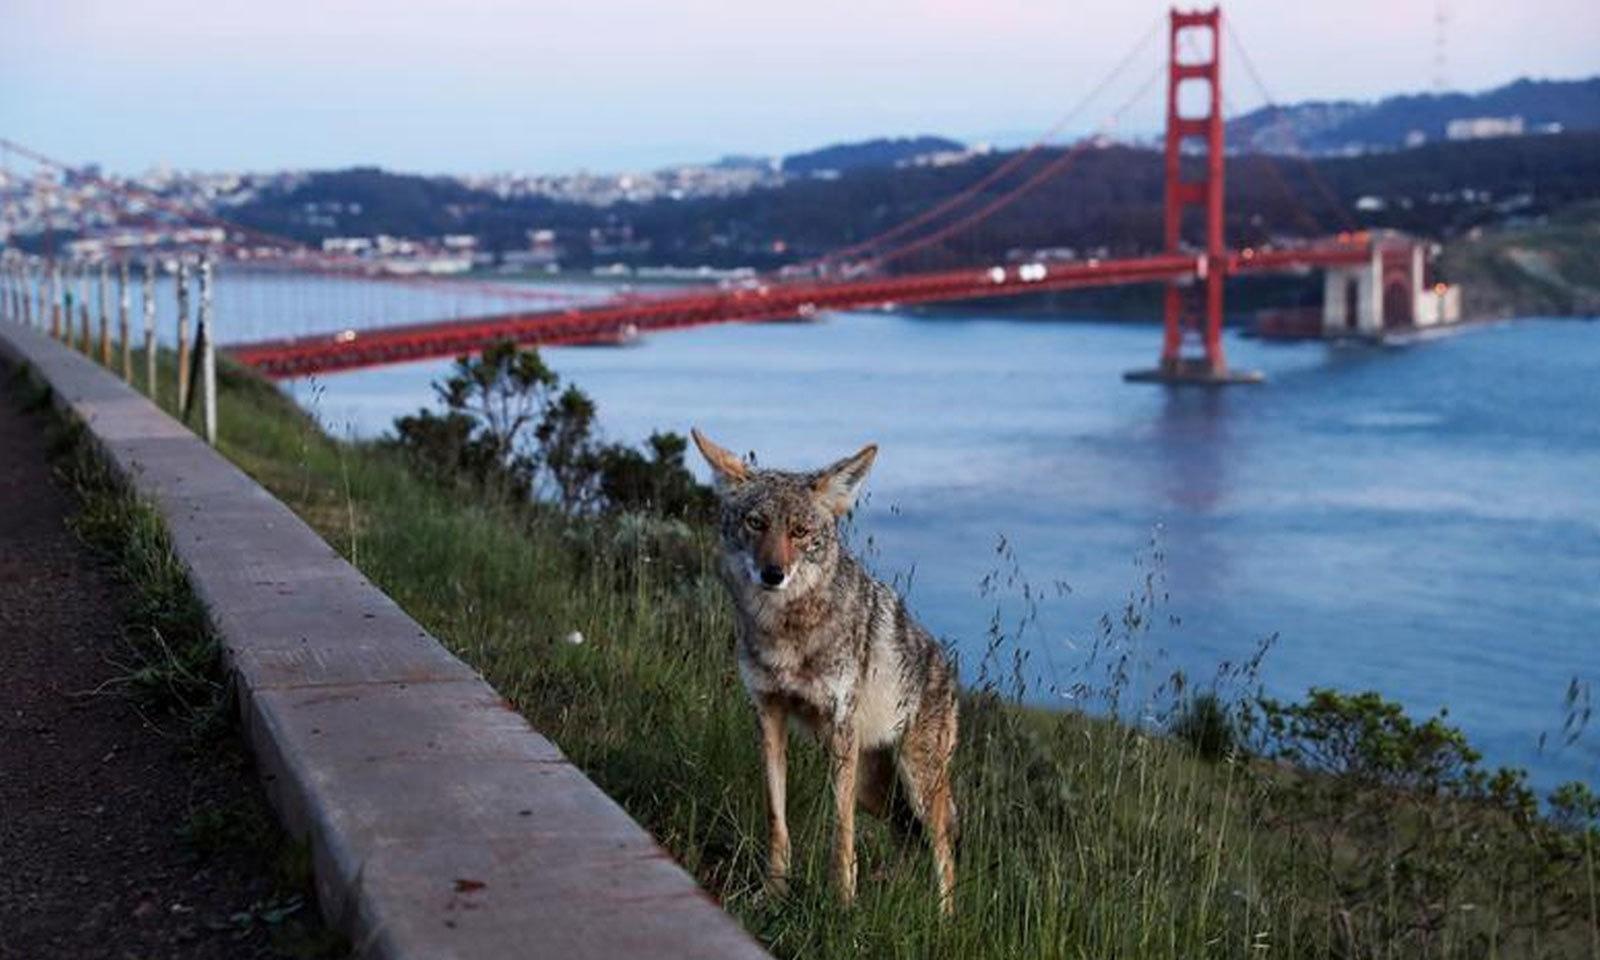 امریکی بھیڑیا سان فرانسسکو میں گولڈن گیٹ بریج ویو پر کھڑا نظر آرہا ہے  —فوٹو: رائٹرز